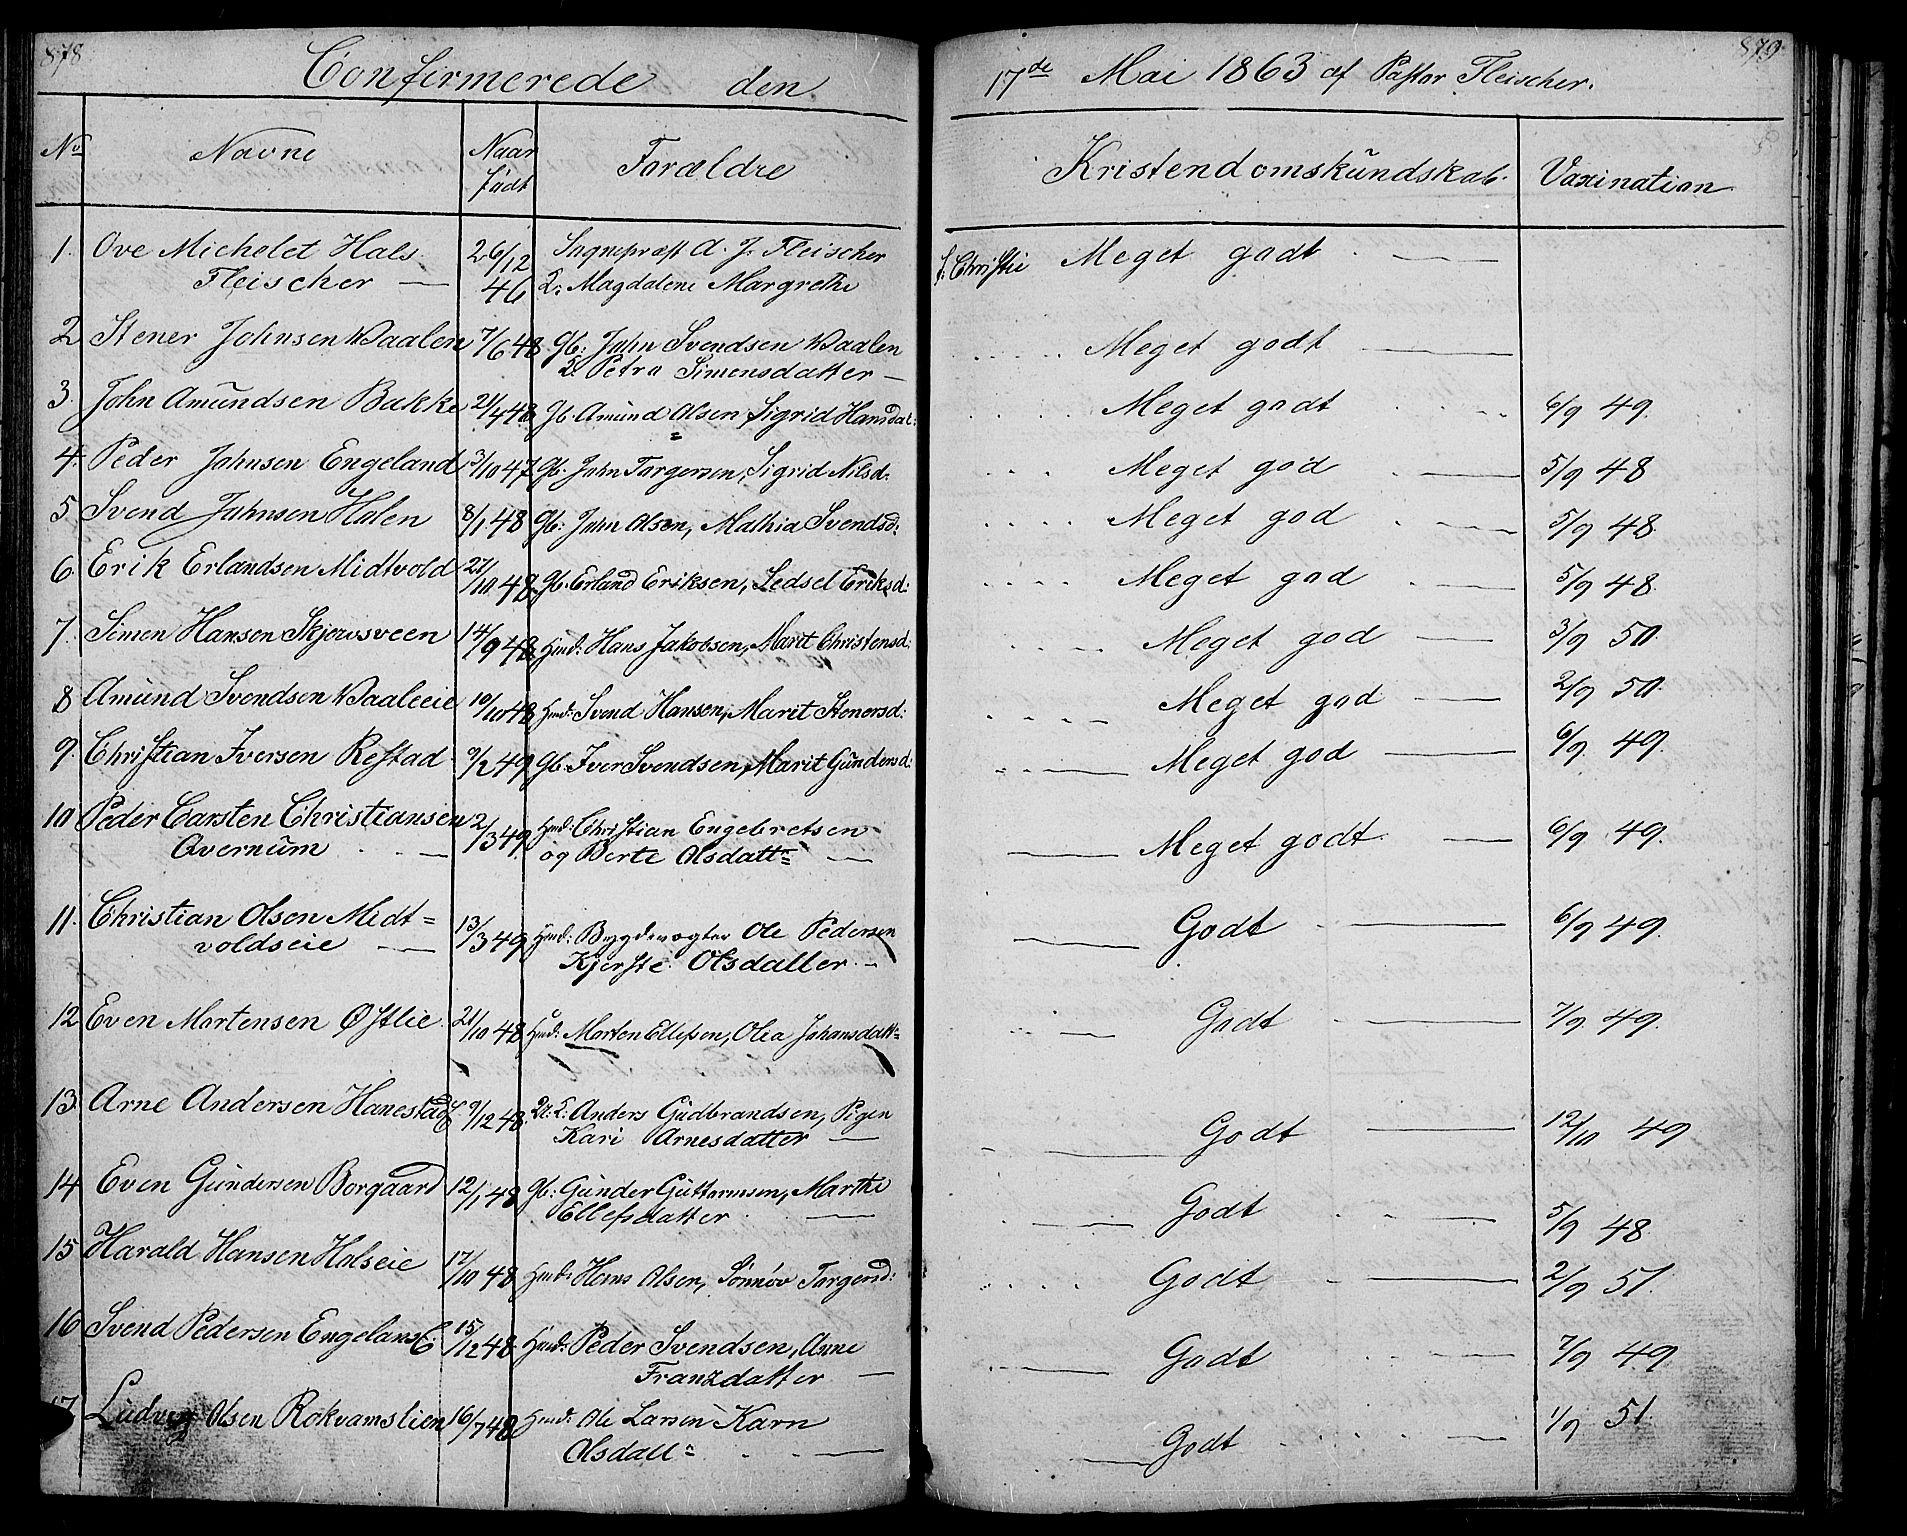 SAH, Gausdal prestekontor, Klokkerbok nr. 4, 1835-1870, s. 878-879